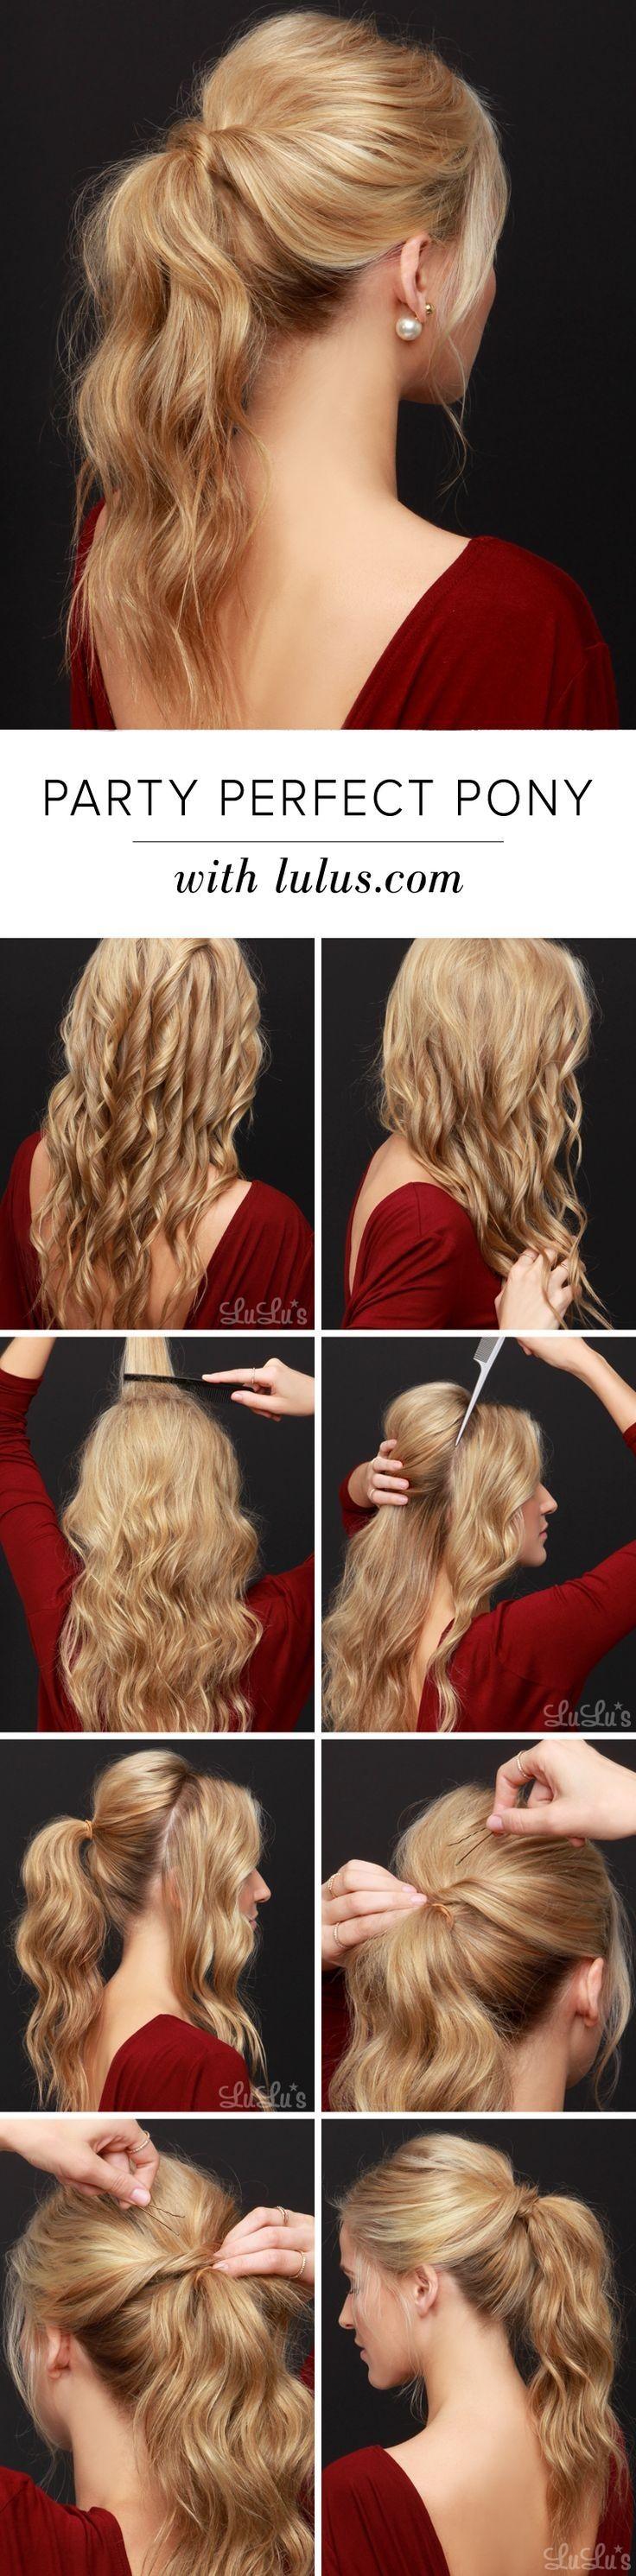 50-coiffures-tous-les-jours-7.jpg 736×2983 pikseliä